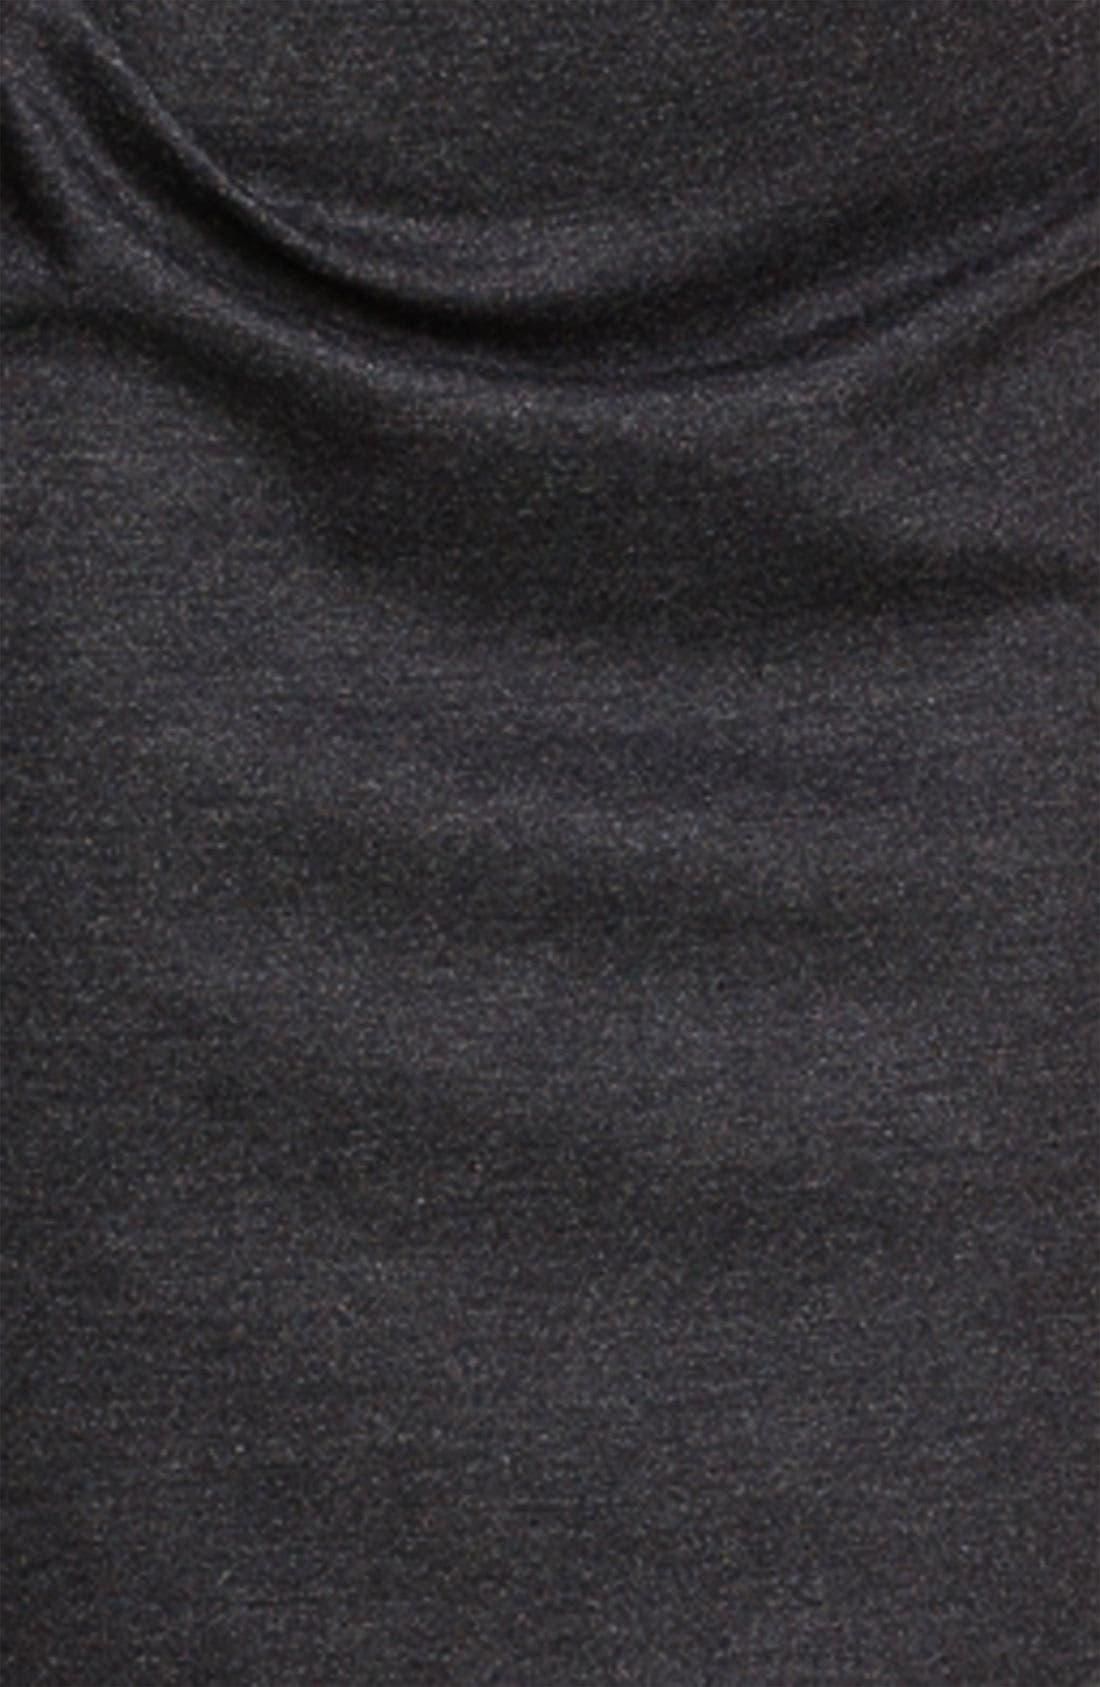 Alternate Image 3  - Diane von Furstenberg Stretch Wool Jersey Shift Dress